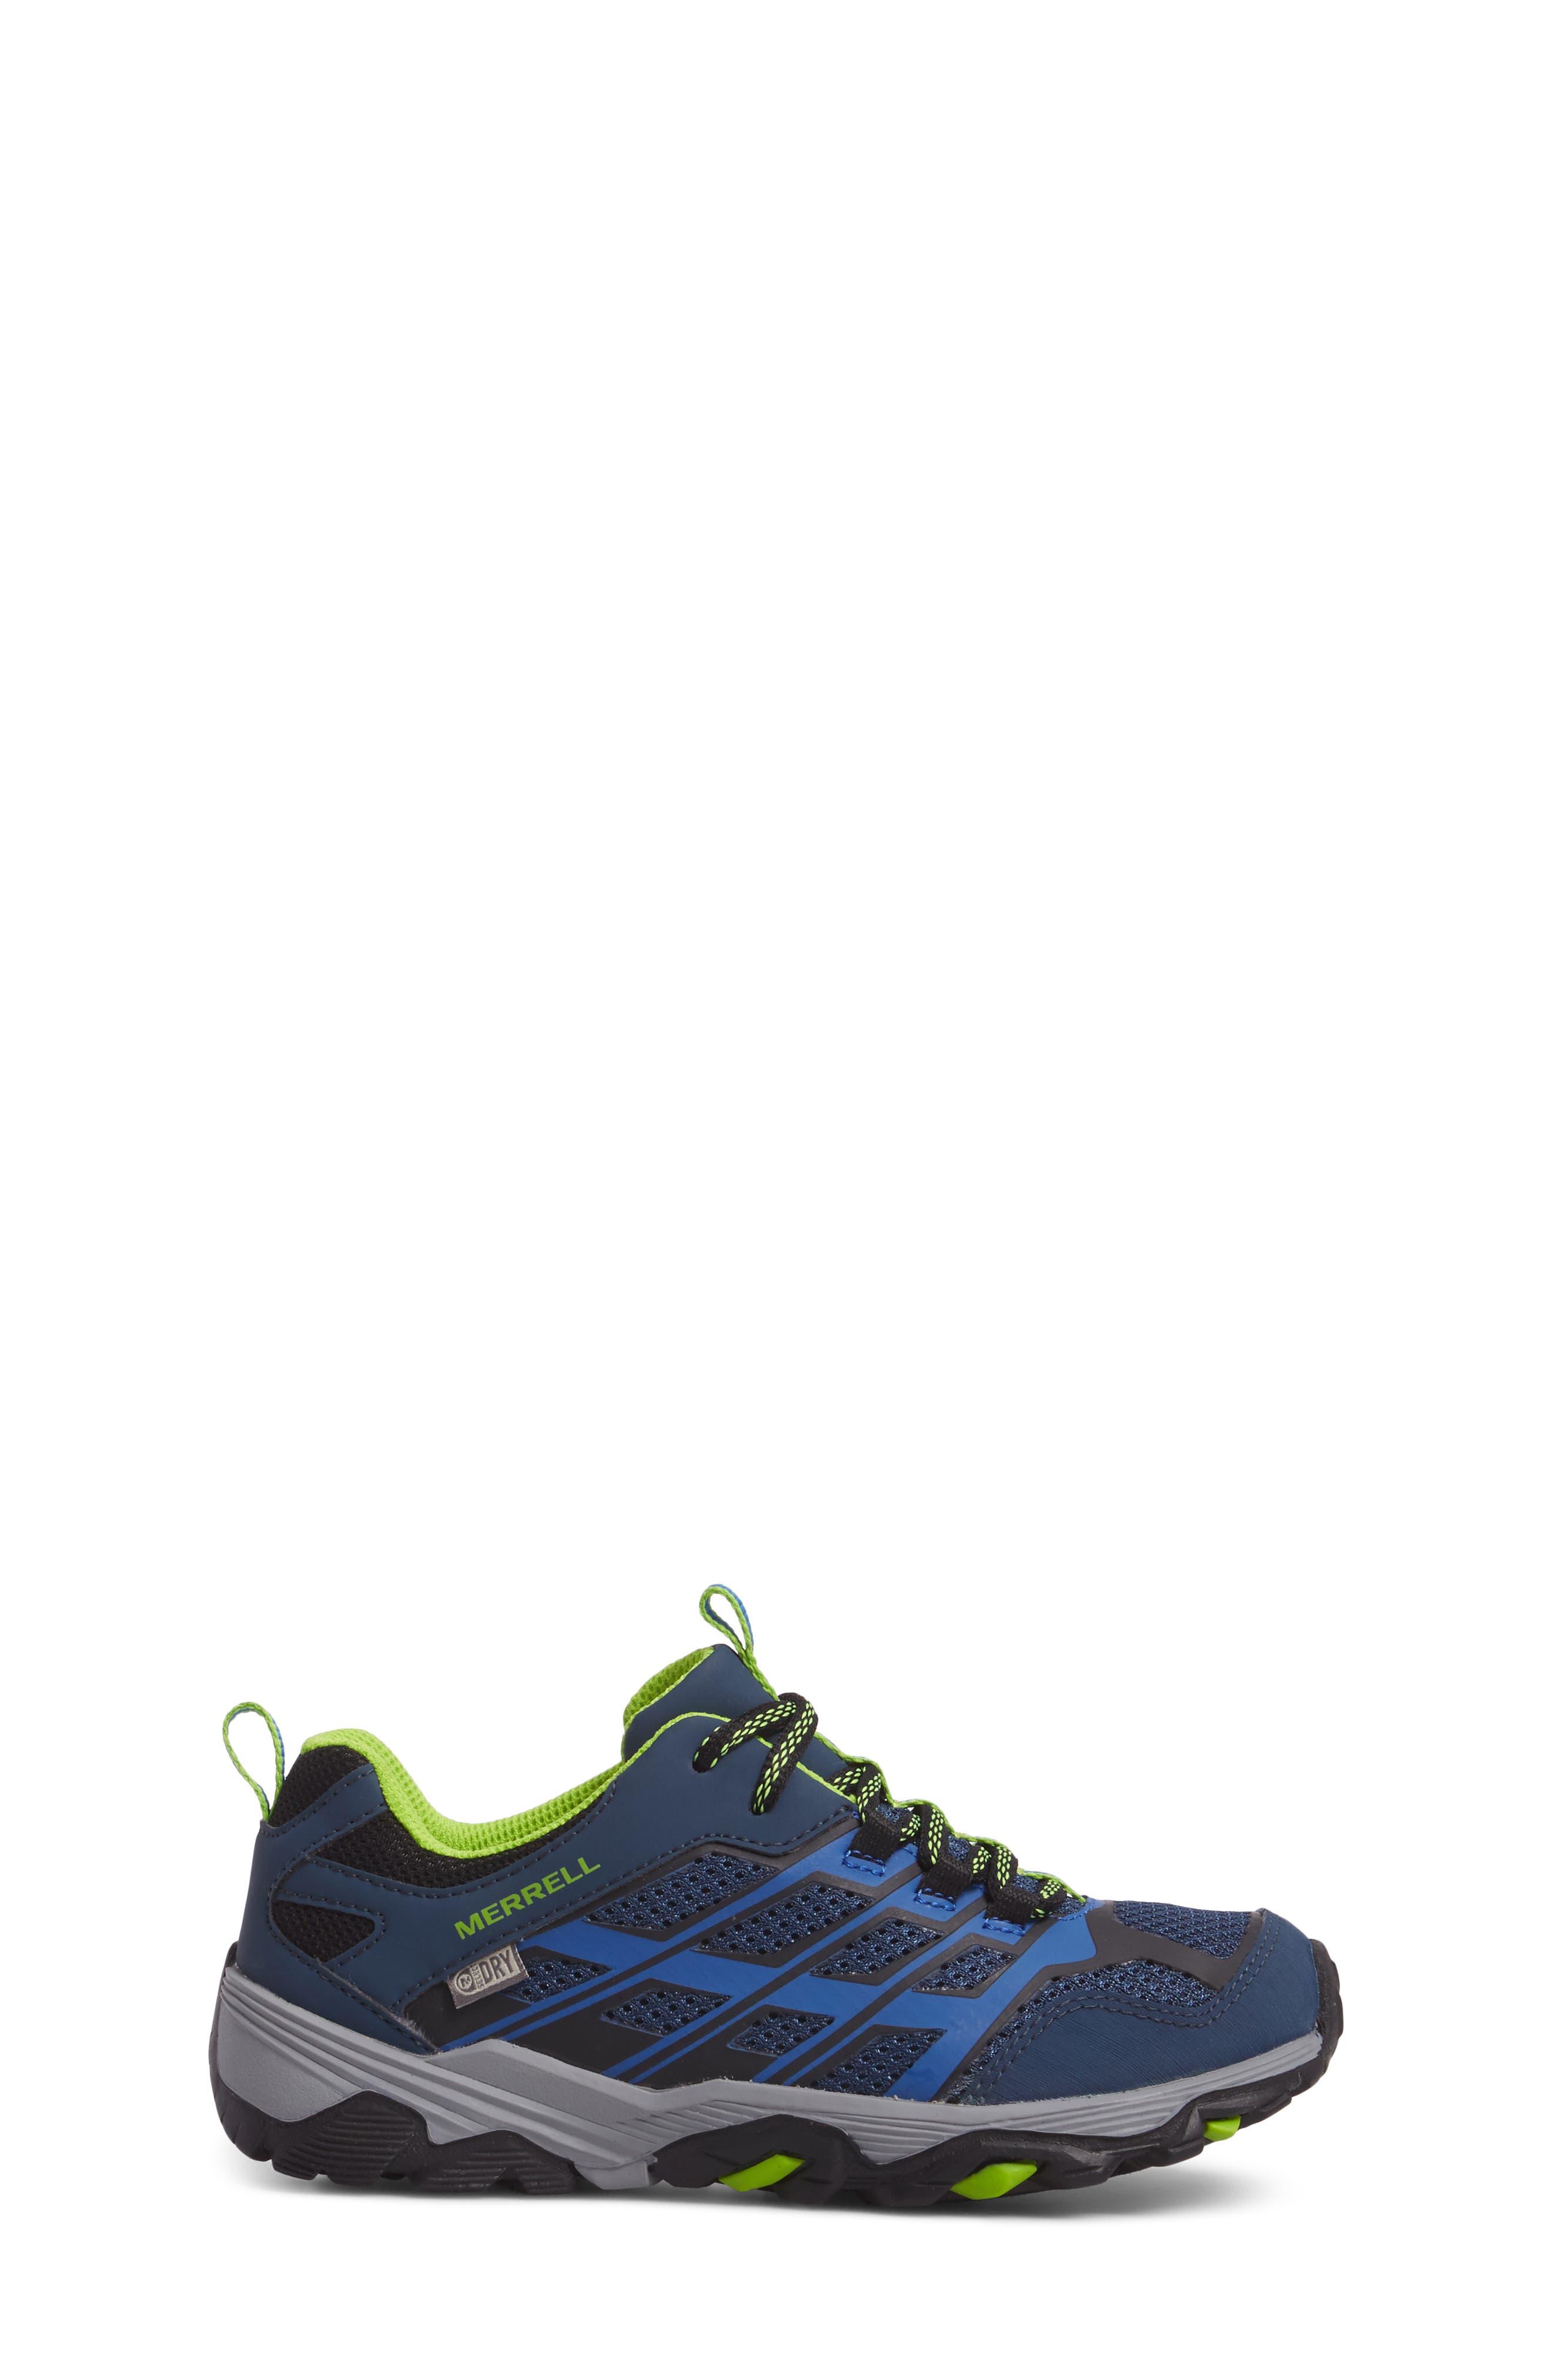 Moab FST Polar Low Waterproof Sneaker,                             Alternate thumbnail 3, color,                             NAVY/ BLUE